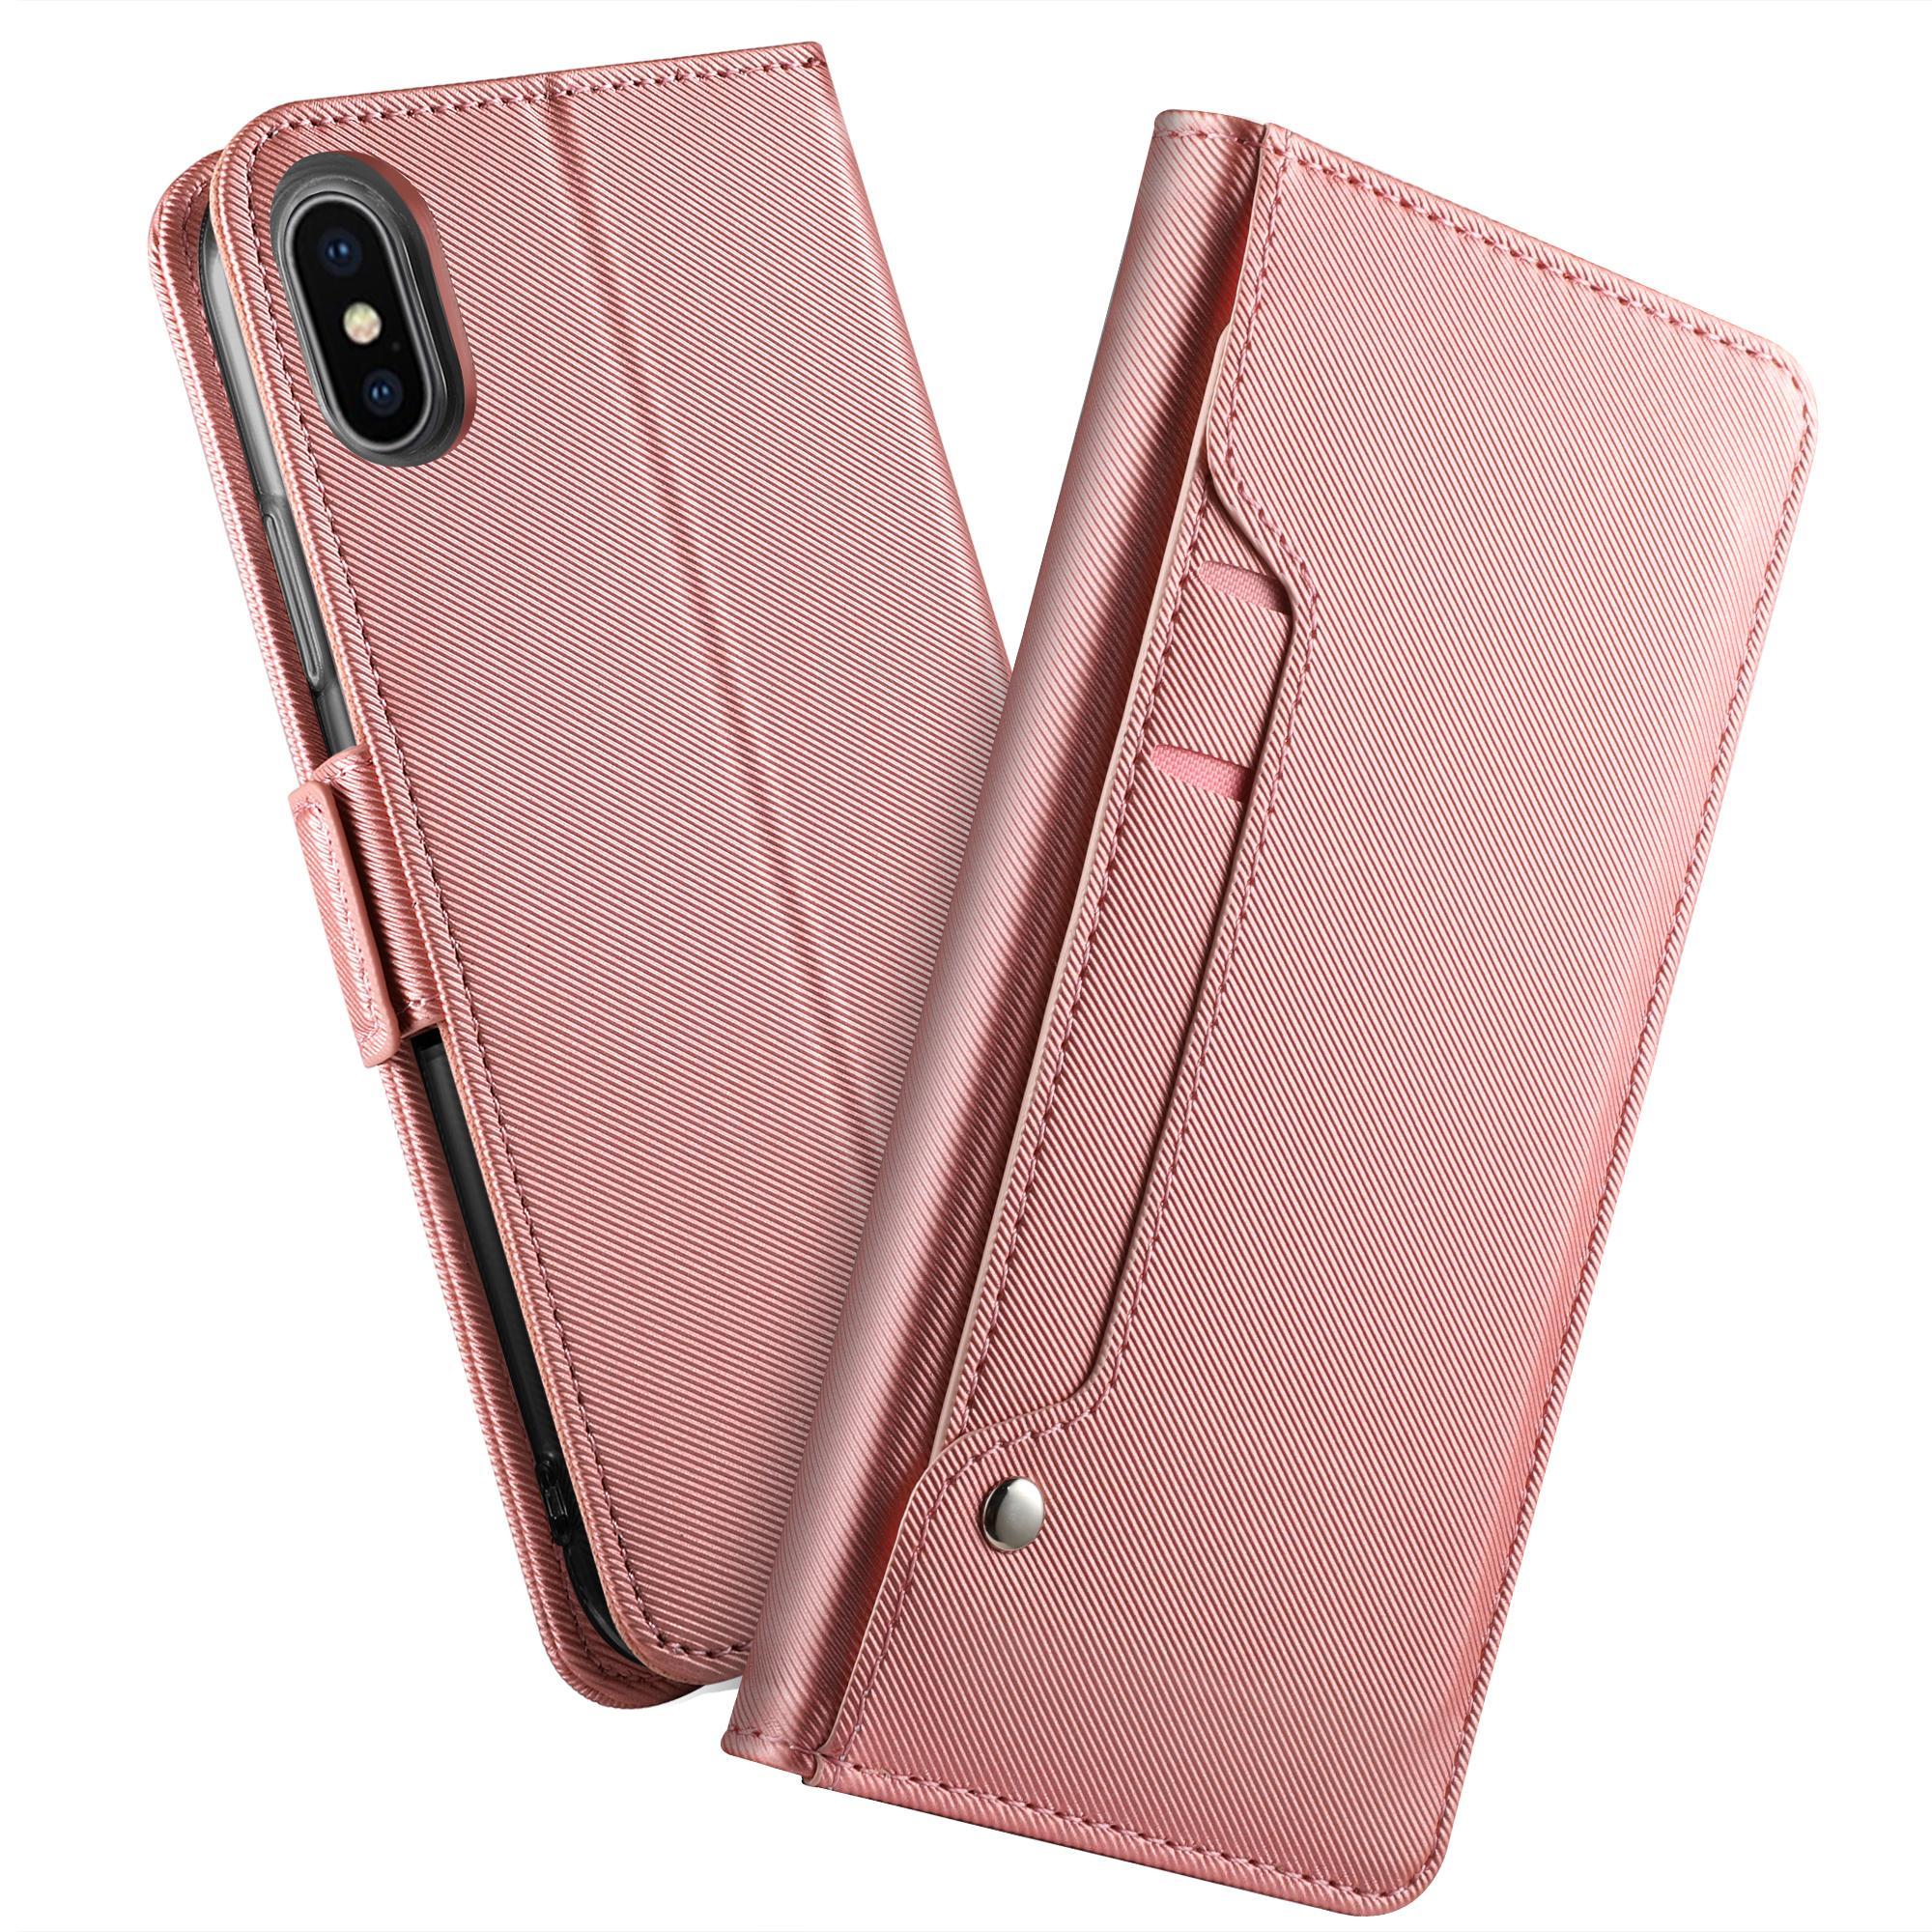 Plånboksfodral Spegel Apple iPhone X/XS Rosa Guld